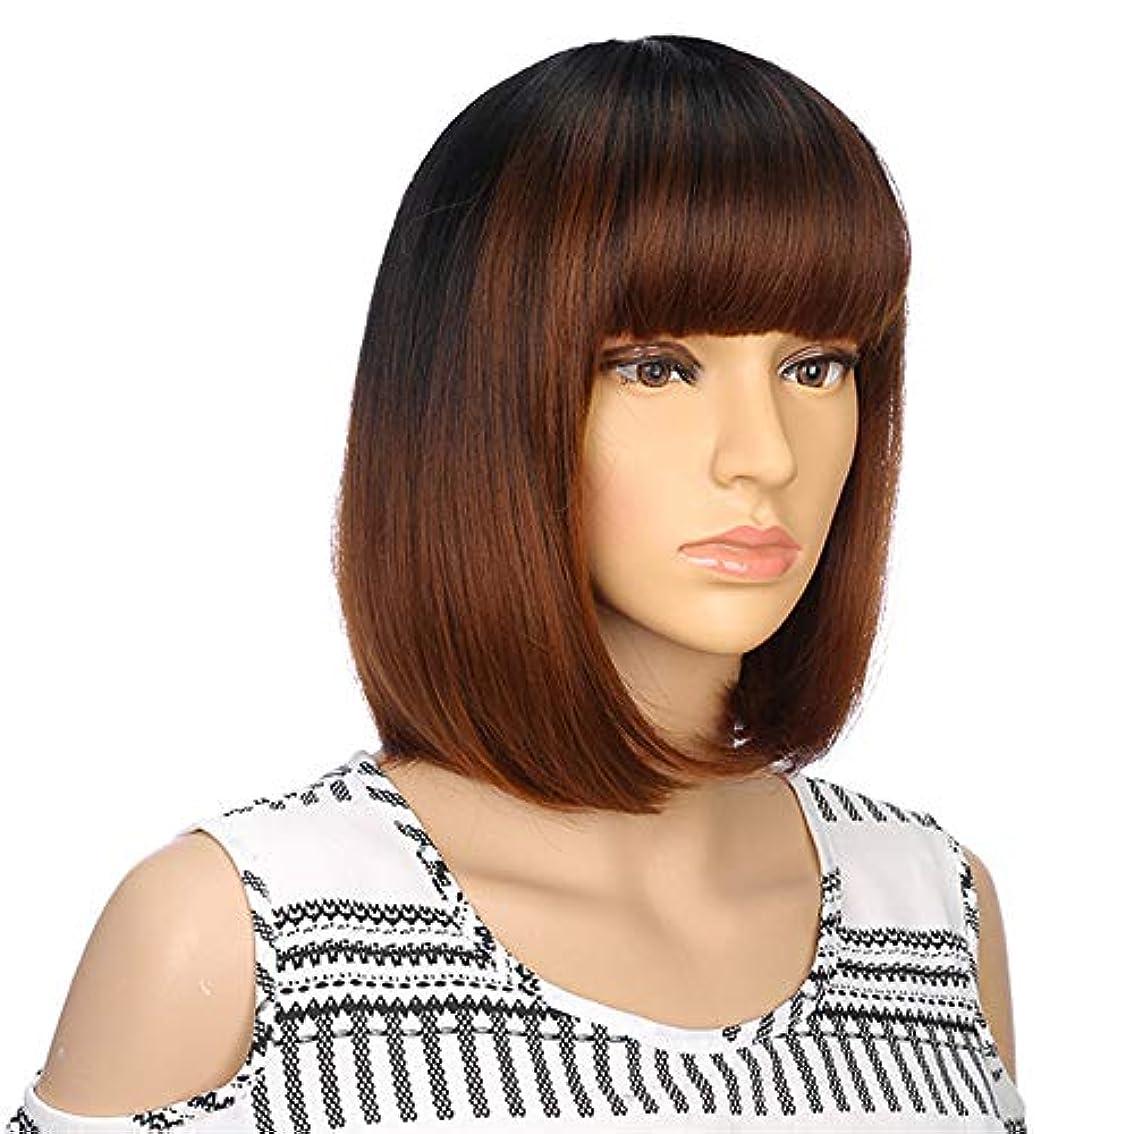 曖昧な哀れな鉄道駅ヘアエクステンション合成ブラウンストレートウィッグ女性用前髪長ボブヘアウィッグ耐熱ヘアスタイルコスプレウィッグ13インチ